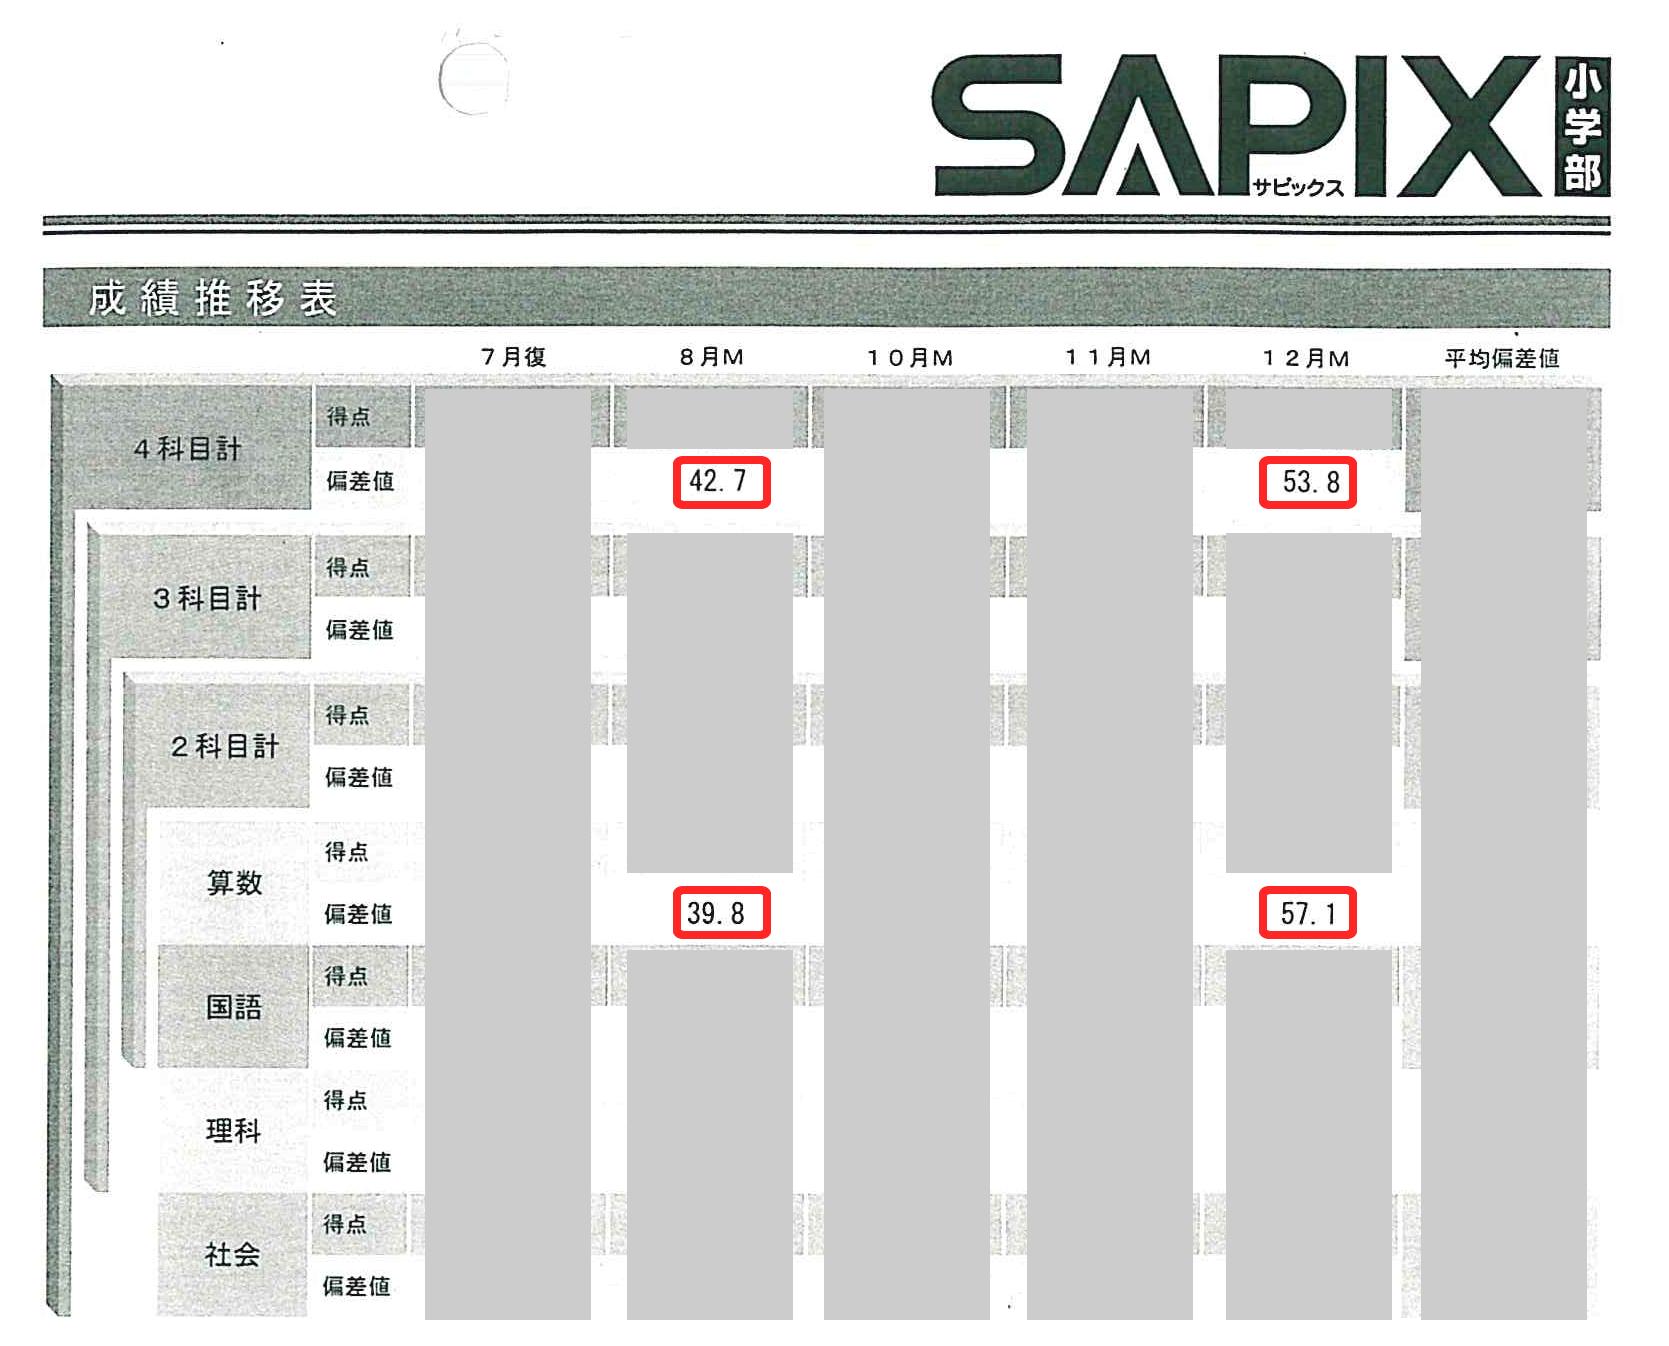 サピックス4教科全体で11.1偏差値アップ